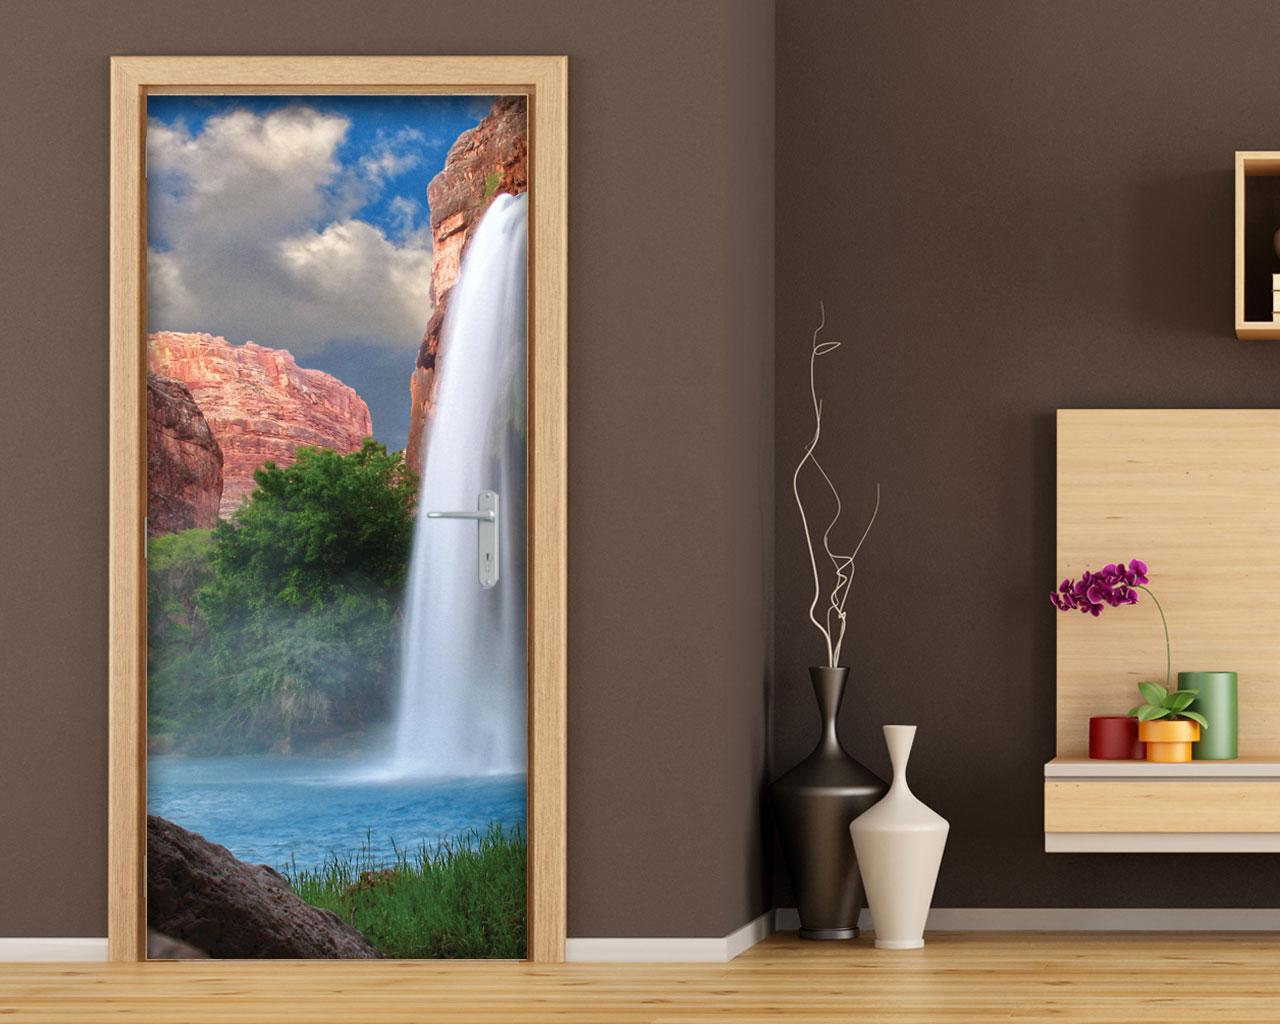 Spettacolo naturale natura adesivo per porte interni for Specchi adesivi per porte